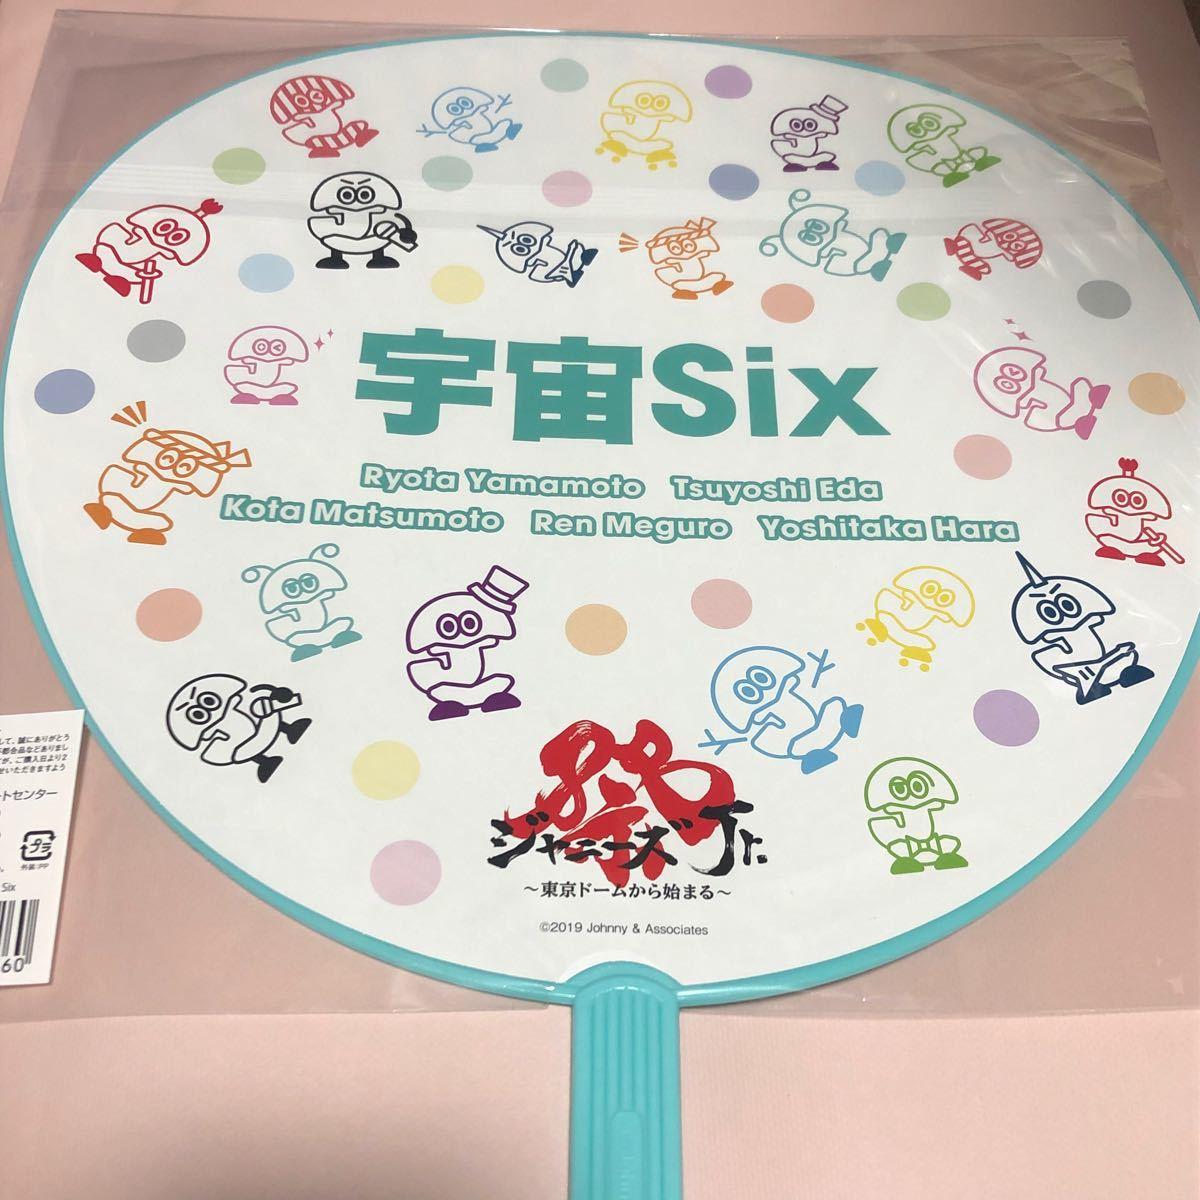 宇宙Six うちわ ジャニーズJr.8.8祭り 〜東京ドームから始まる〜